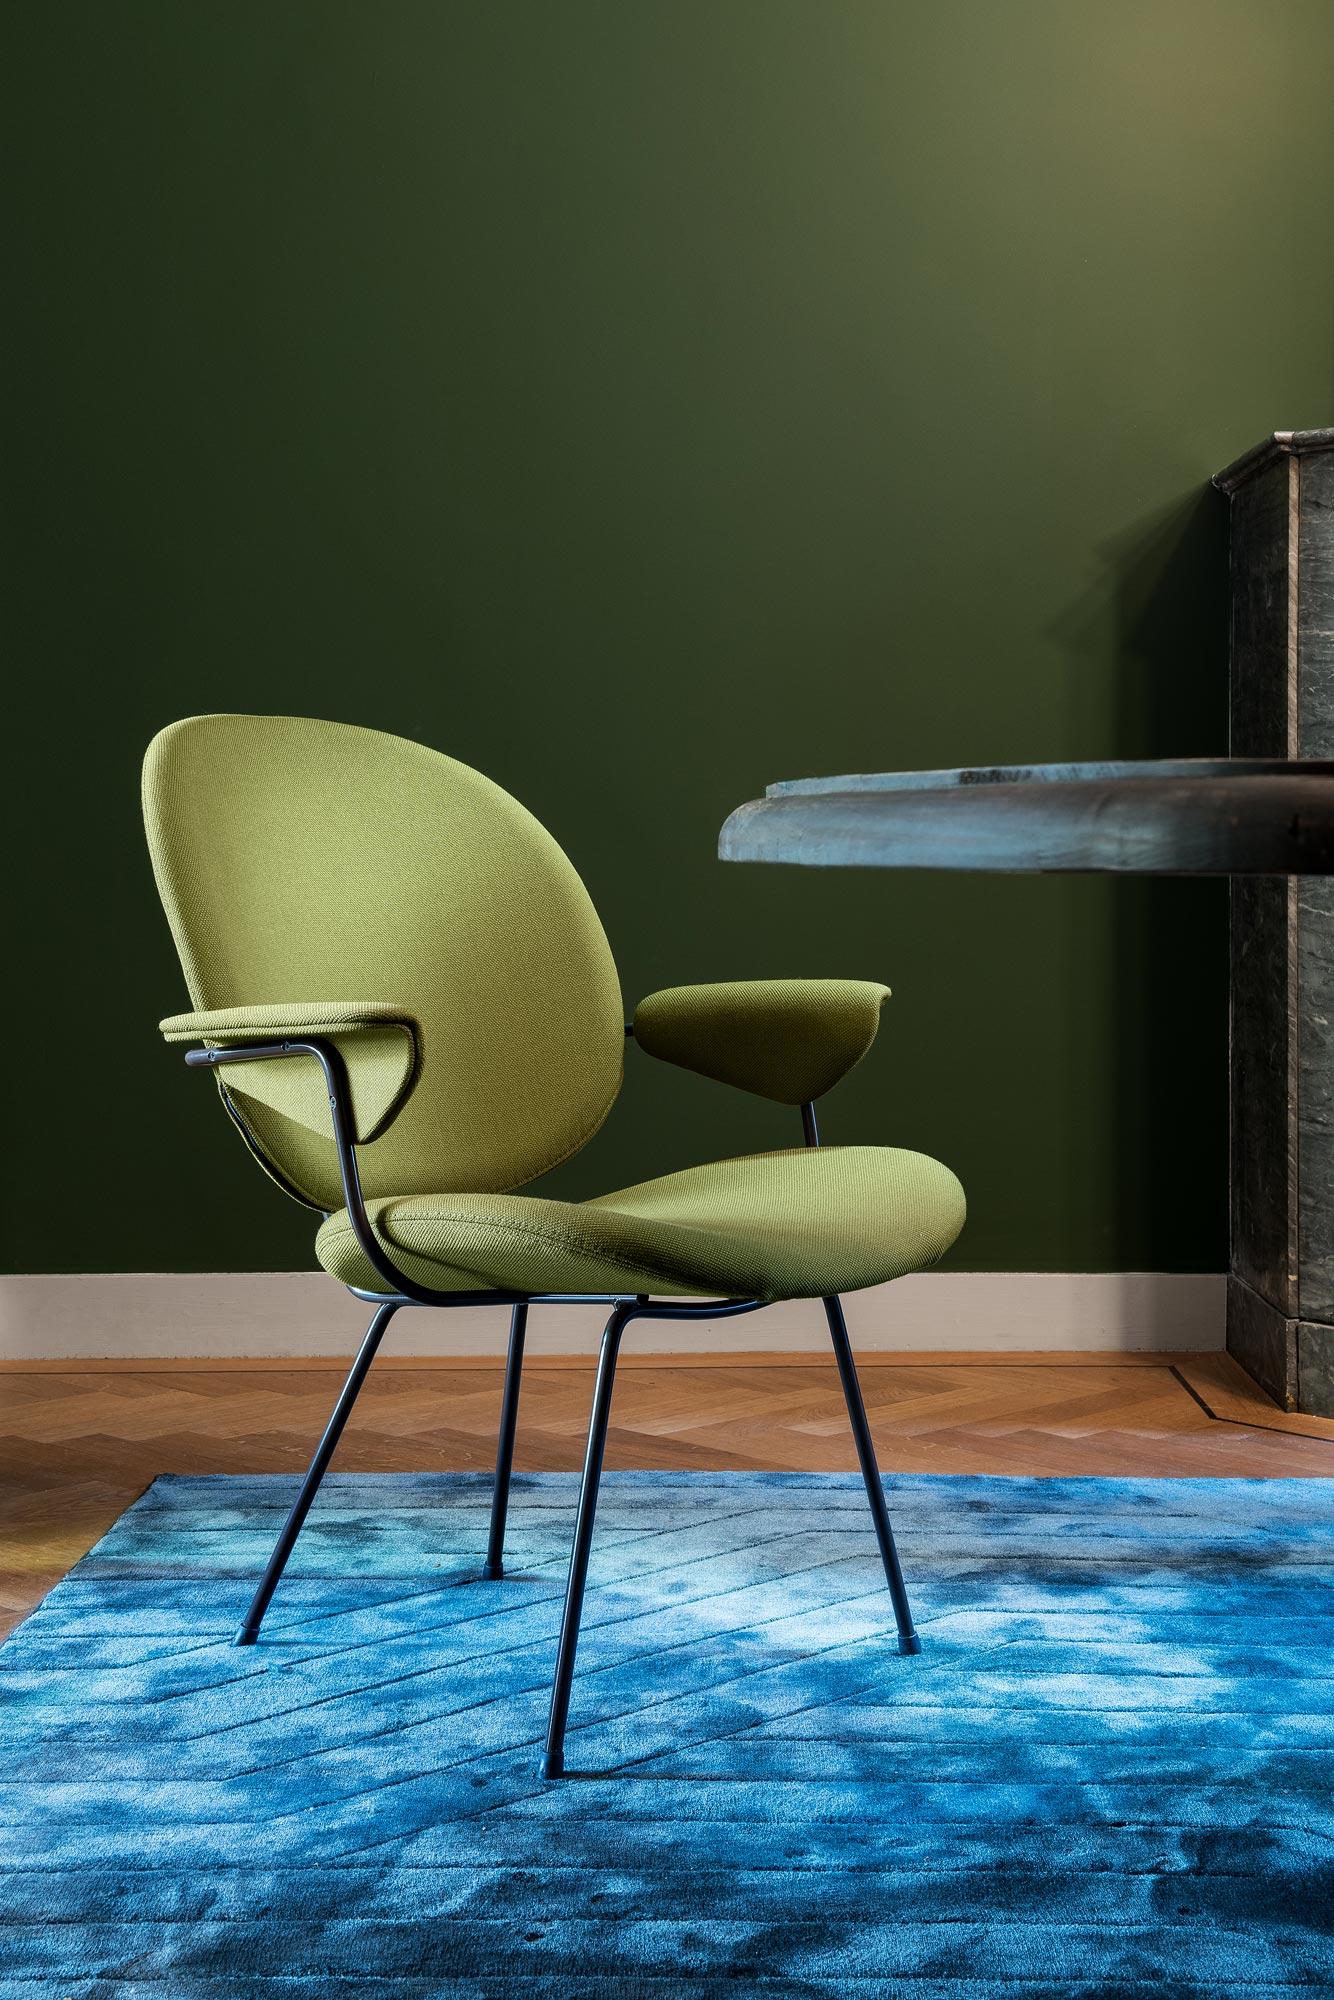 WH Gispen 202 Chair - Interieur fotografie De Rode Hoed Amsterdam. Door Chiel de Nooyer